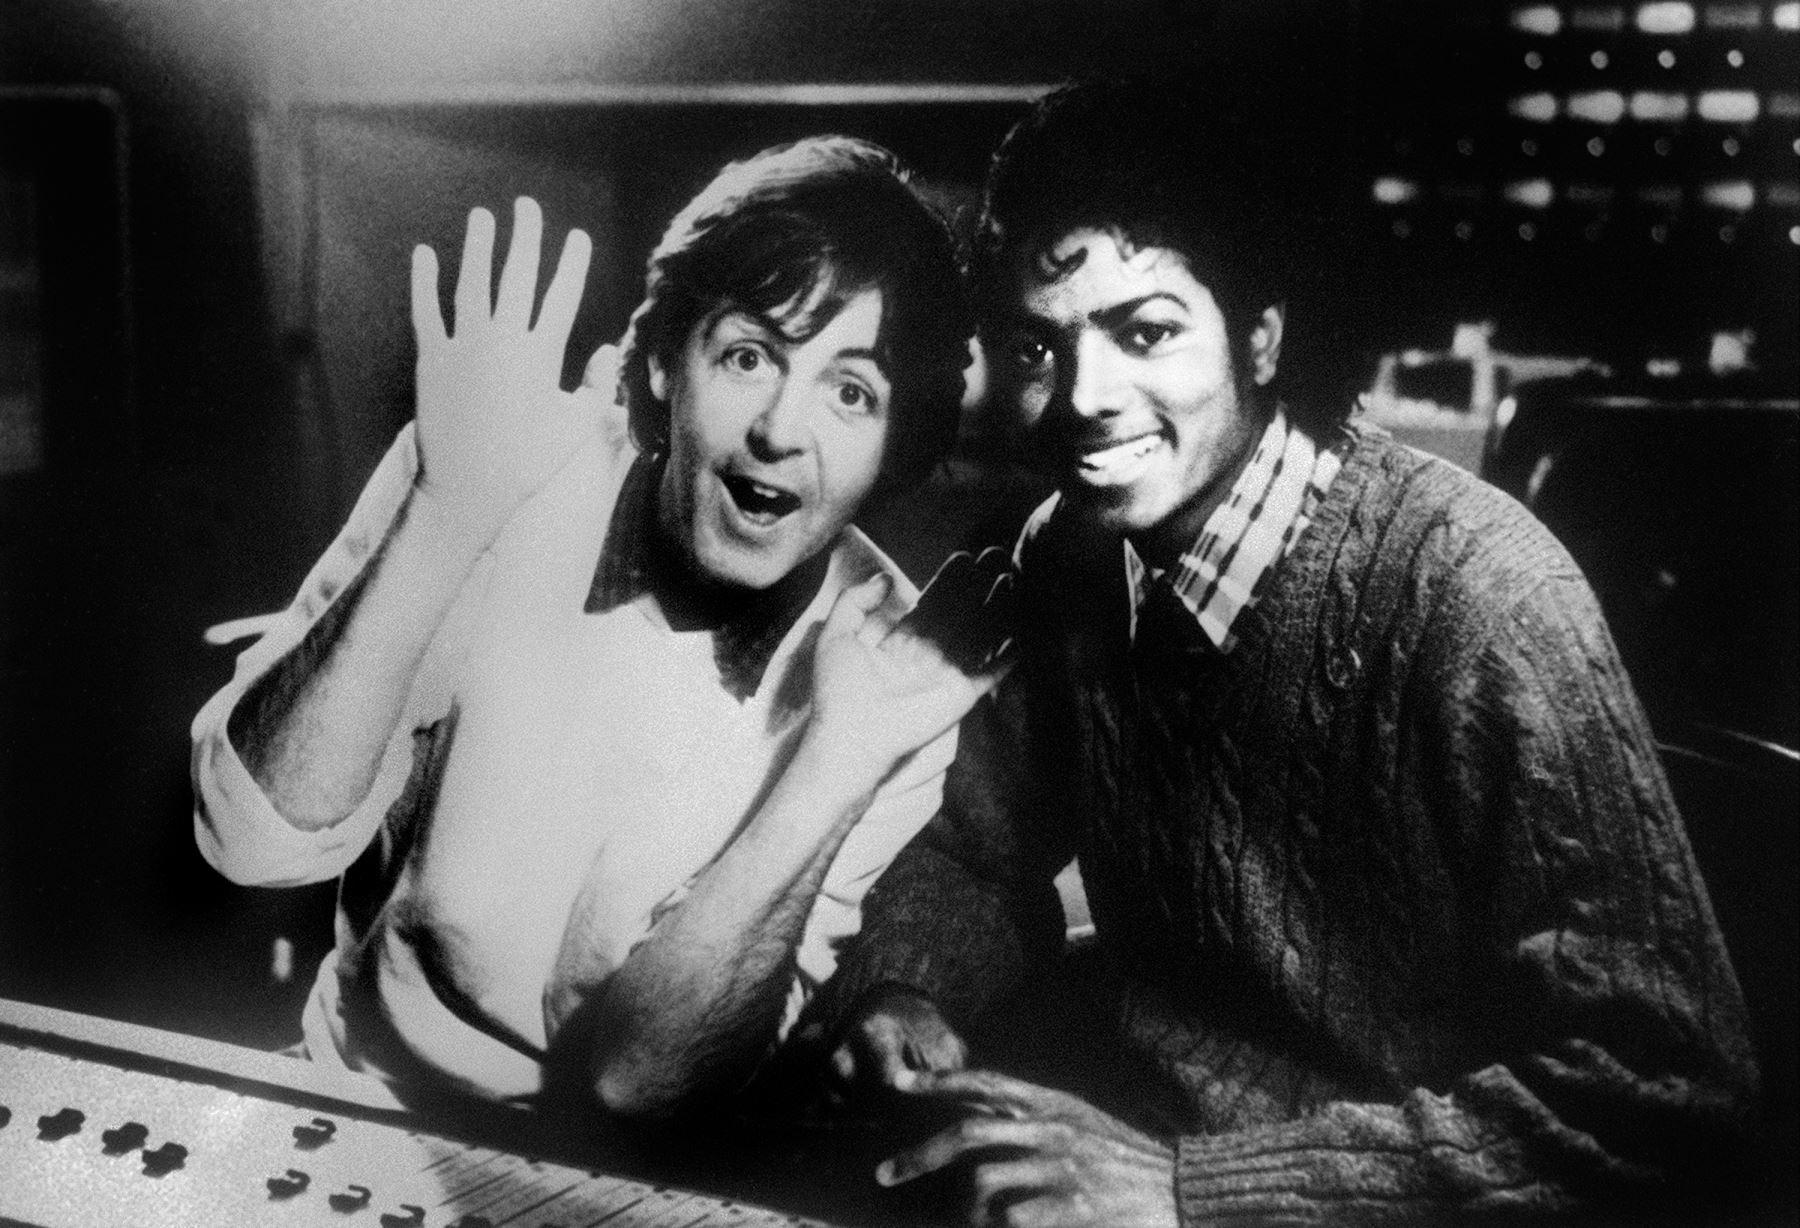 Foto fechada el 19 de diciembre de 1983 muestra al cantante británico Paul McCartney y la estrella del pop estadounidense Michael Jackson Michael Jackson. Foto: AFP